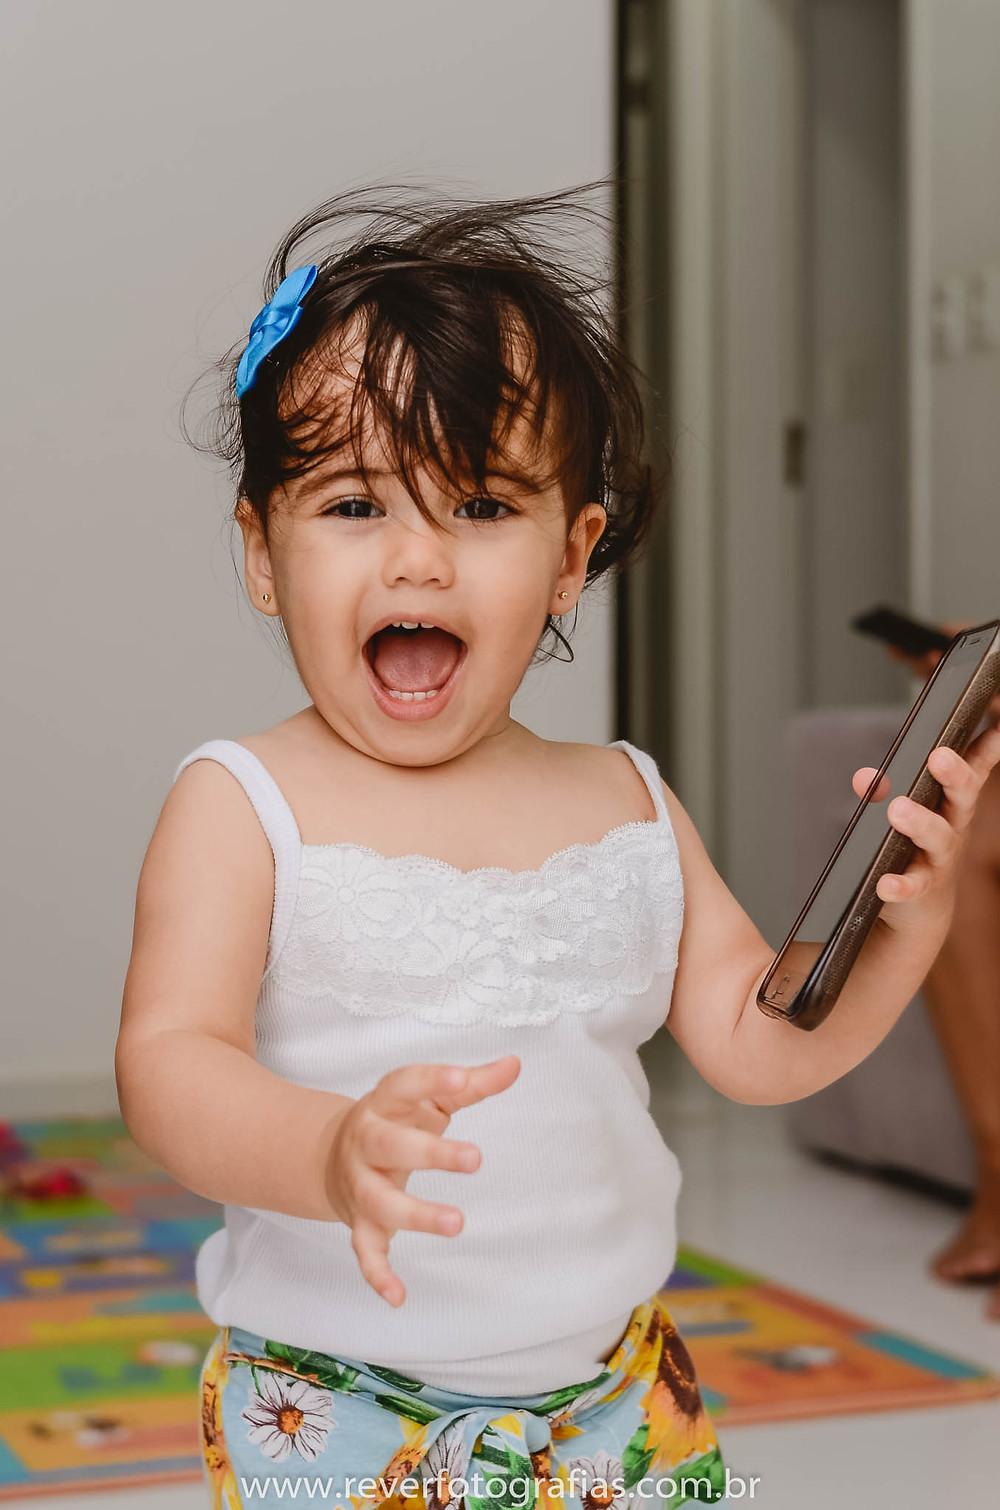 rever fotografias: criança brincando com celular e sorrindo